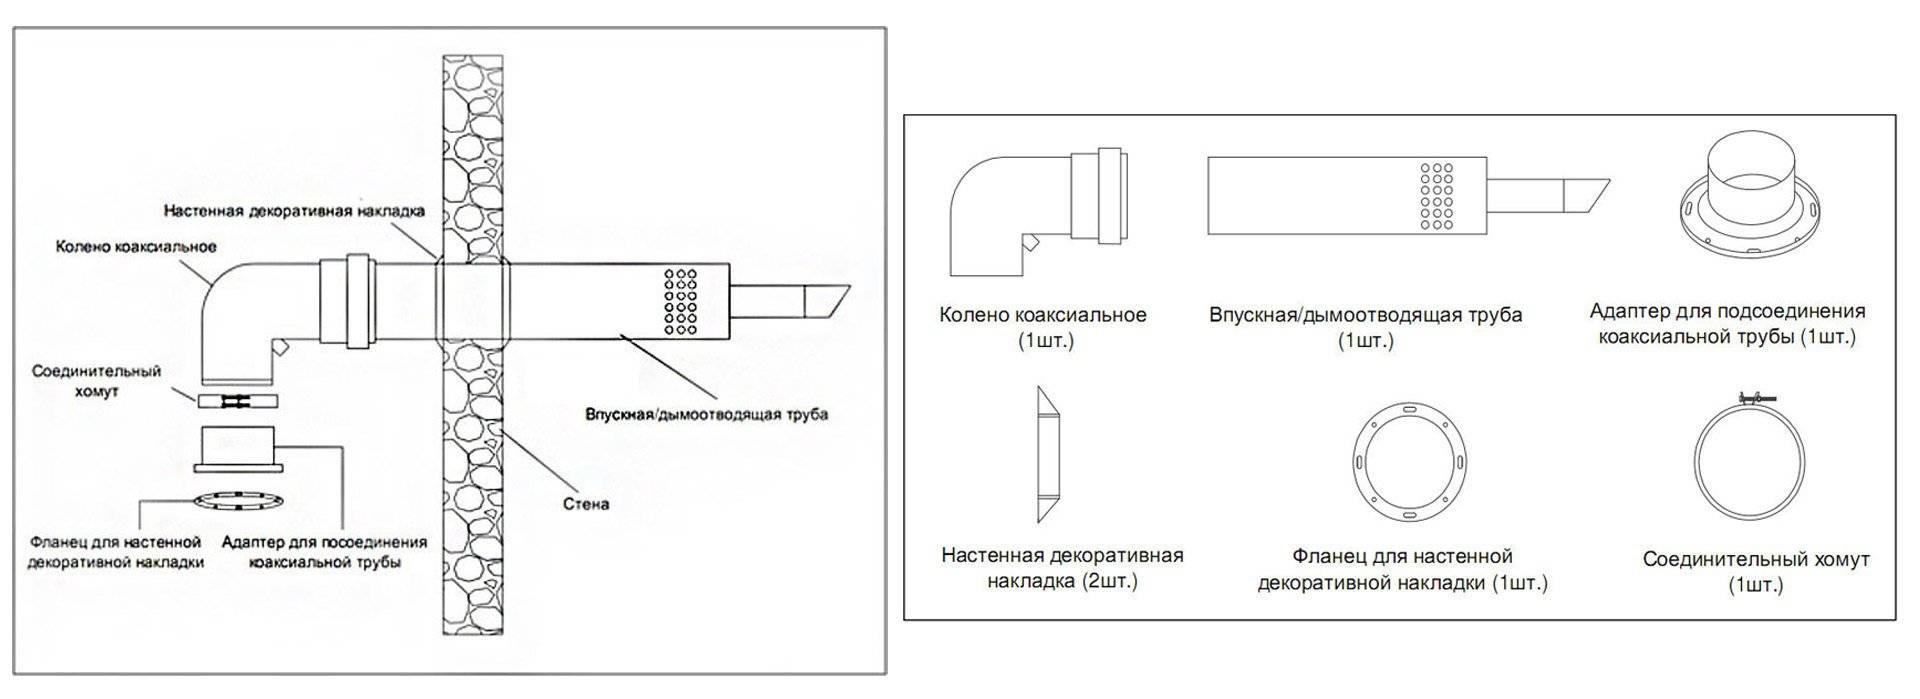 Коаксиальный дымоход для газового котла: правила установки